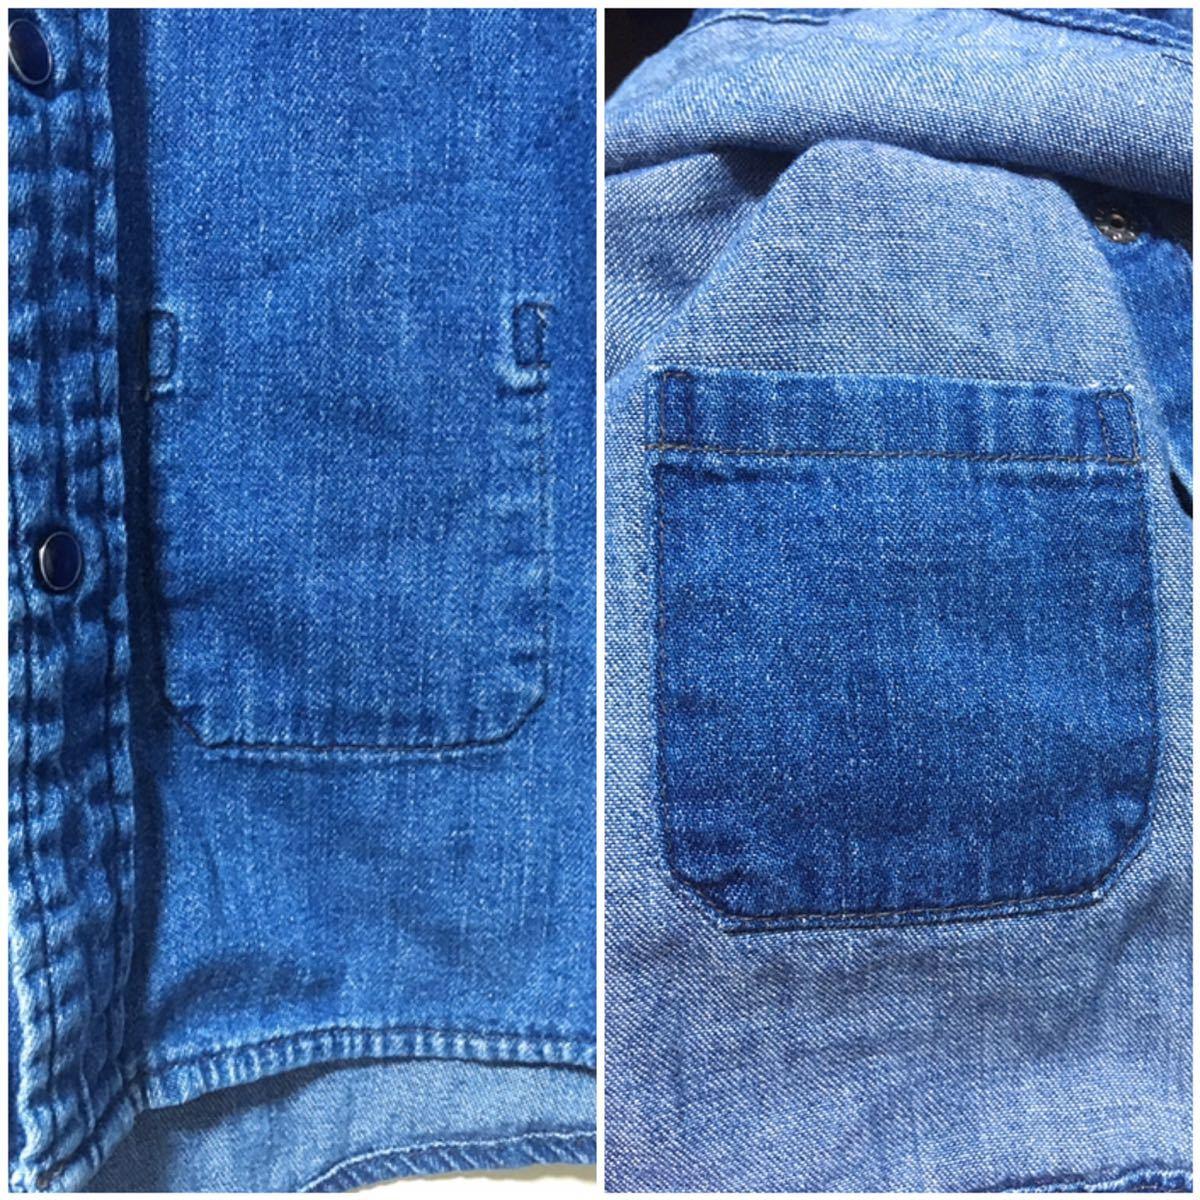 BLUE BLUE ブルーブルー 長袖 デニム素材 ウエスタンシャツ ハリウッドランチマーケット 裏地ポケット サイズ 1 日本製_画像7